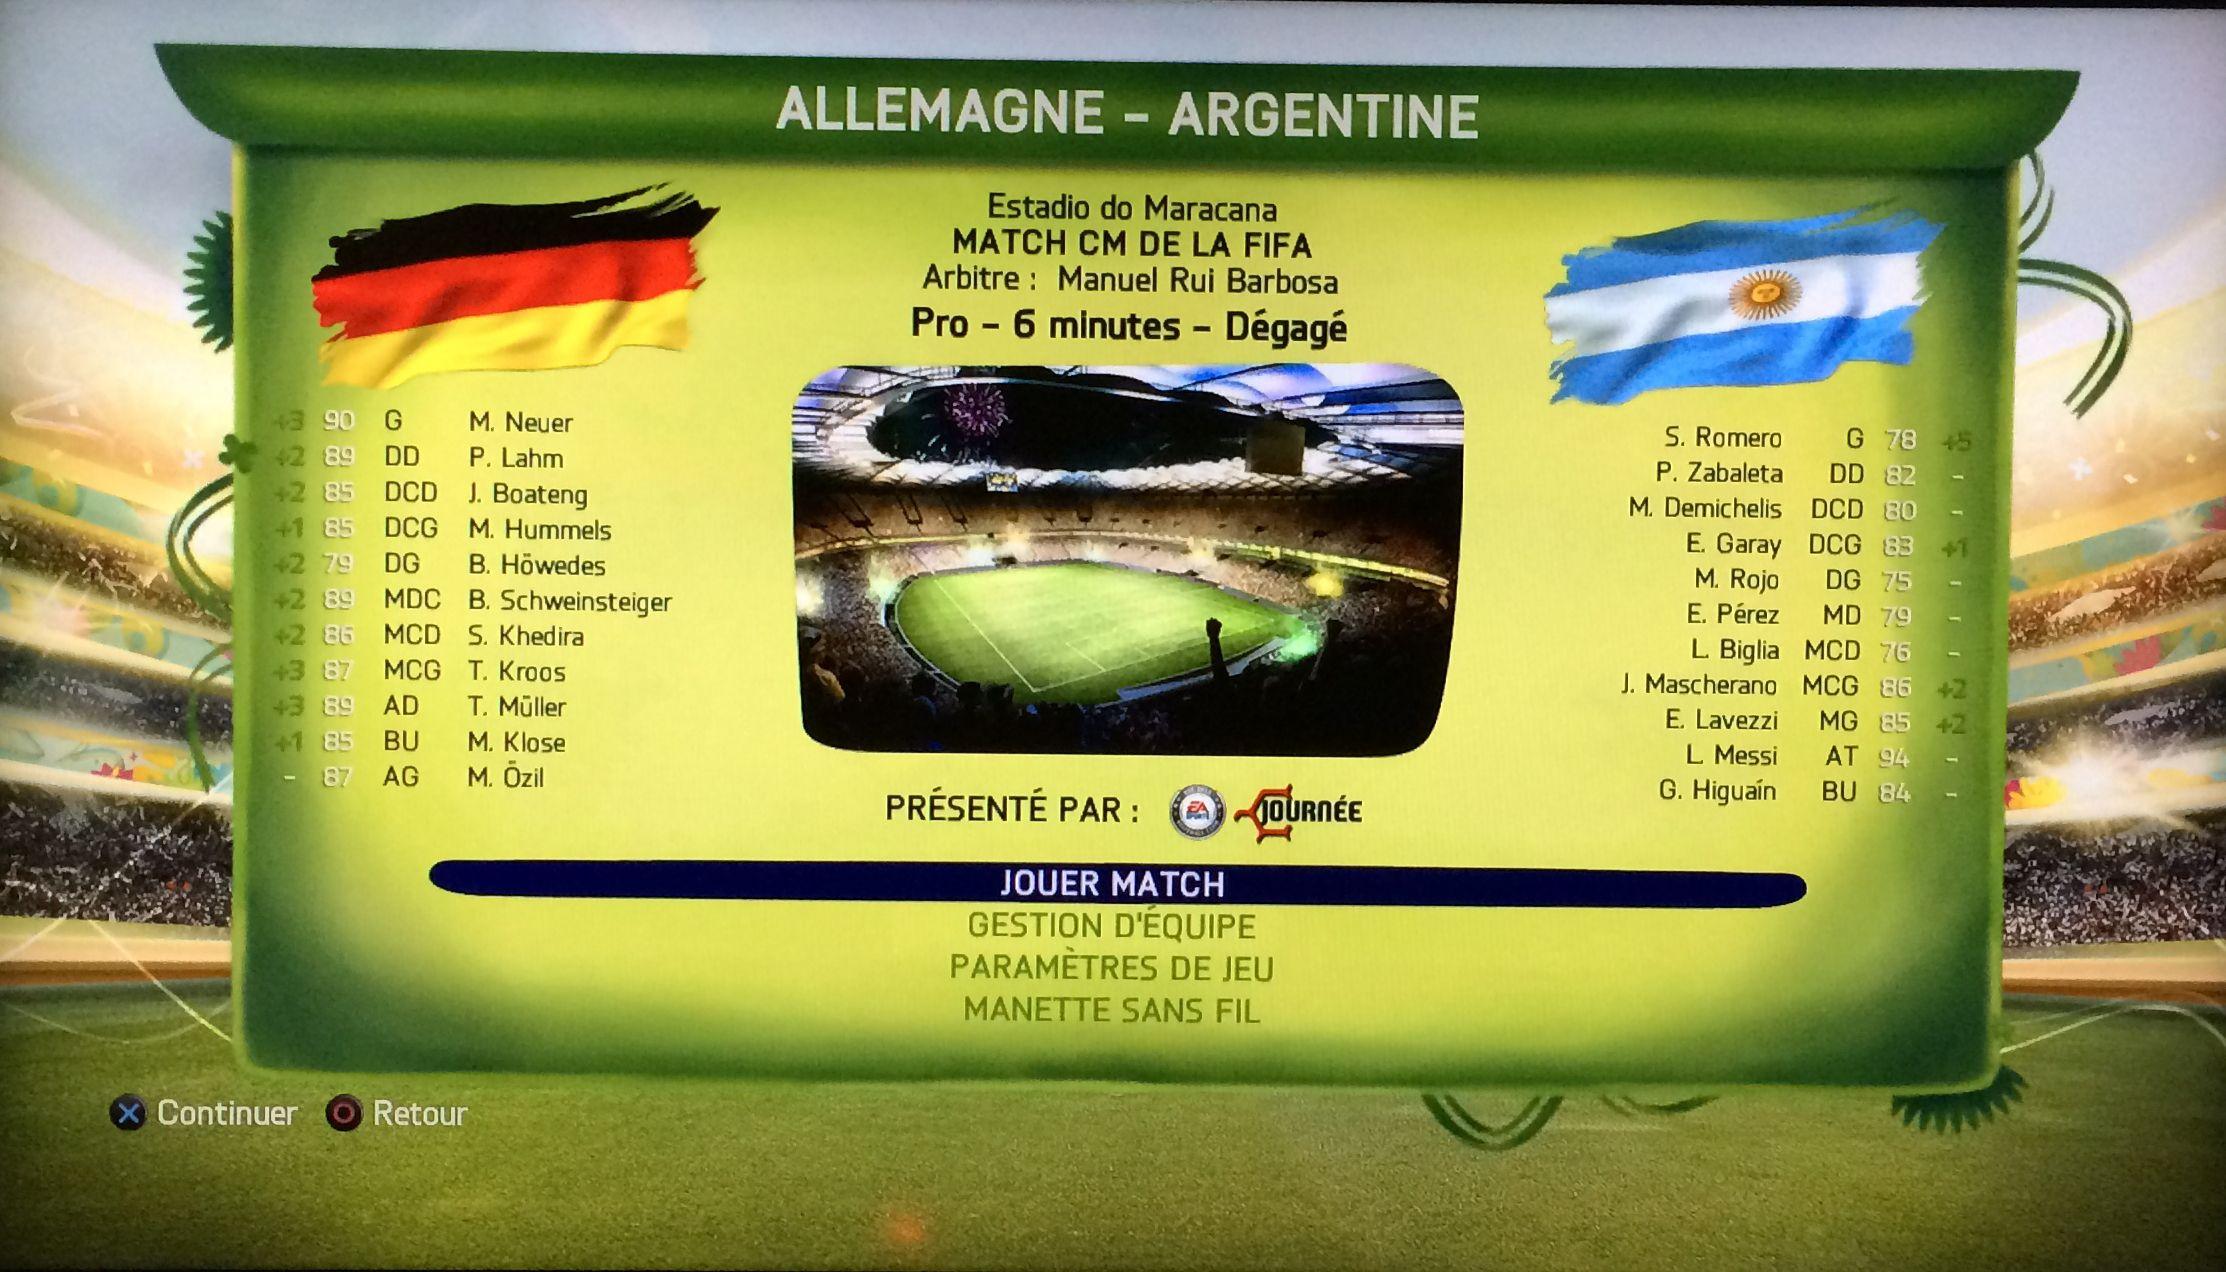 Finale de la coupe du monde 2014 allemagne argentine le - Jeu de coupe du monde 2014 ...